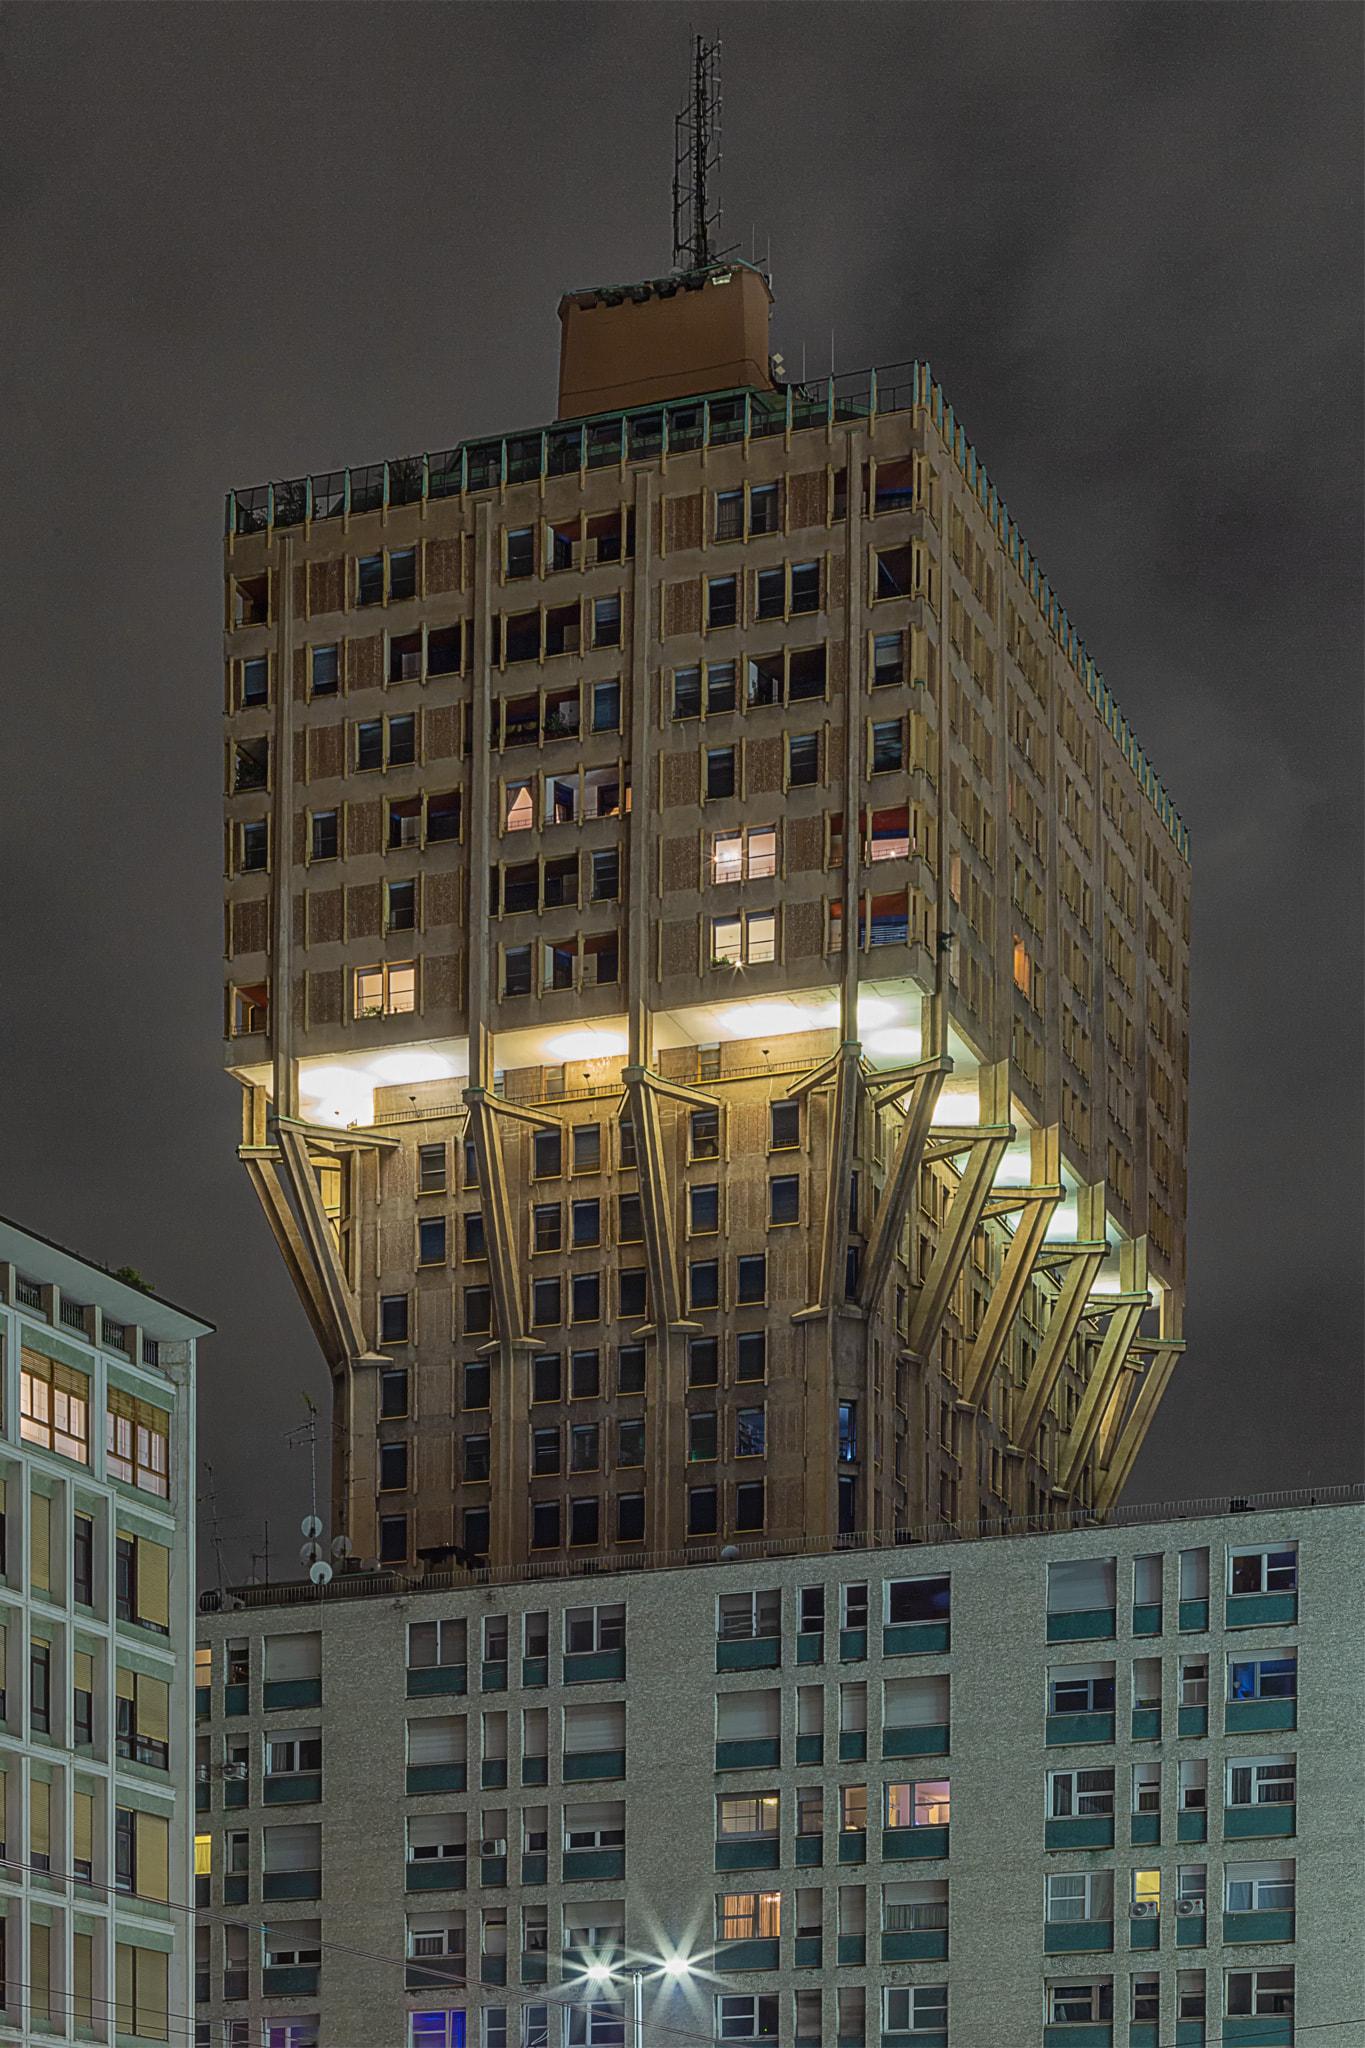 Torre Velasca illuminazione serale. © Alessandro Businaro